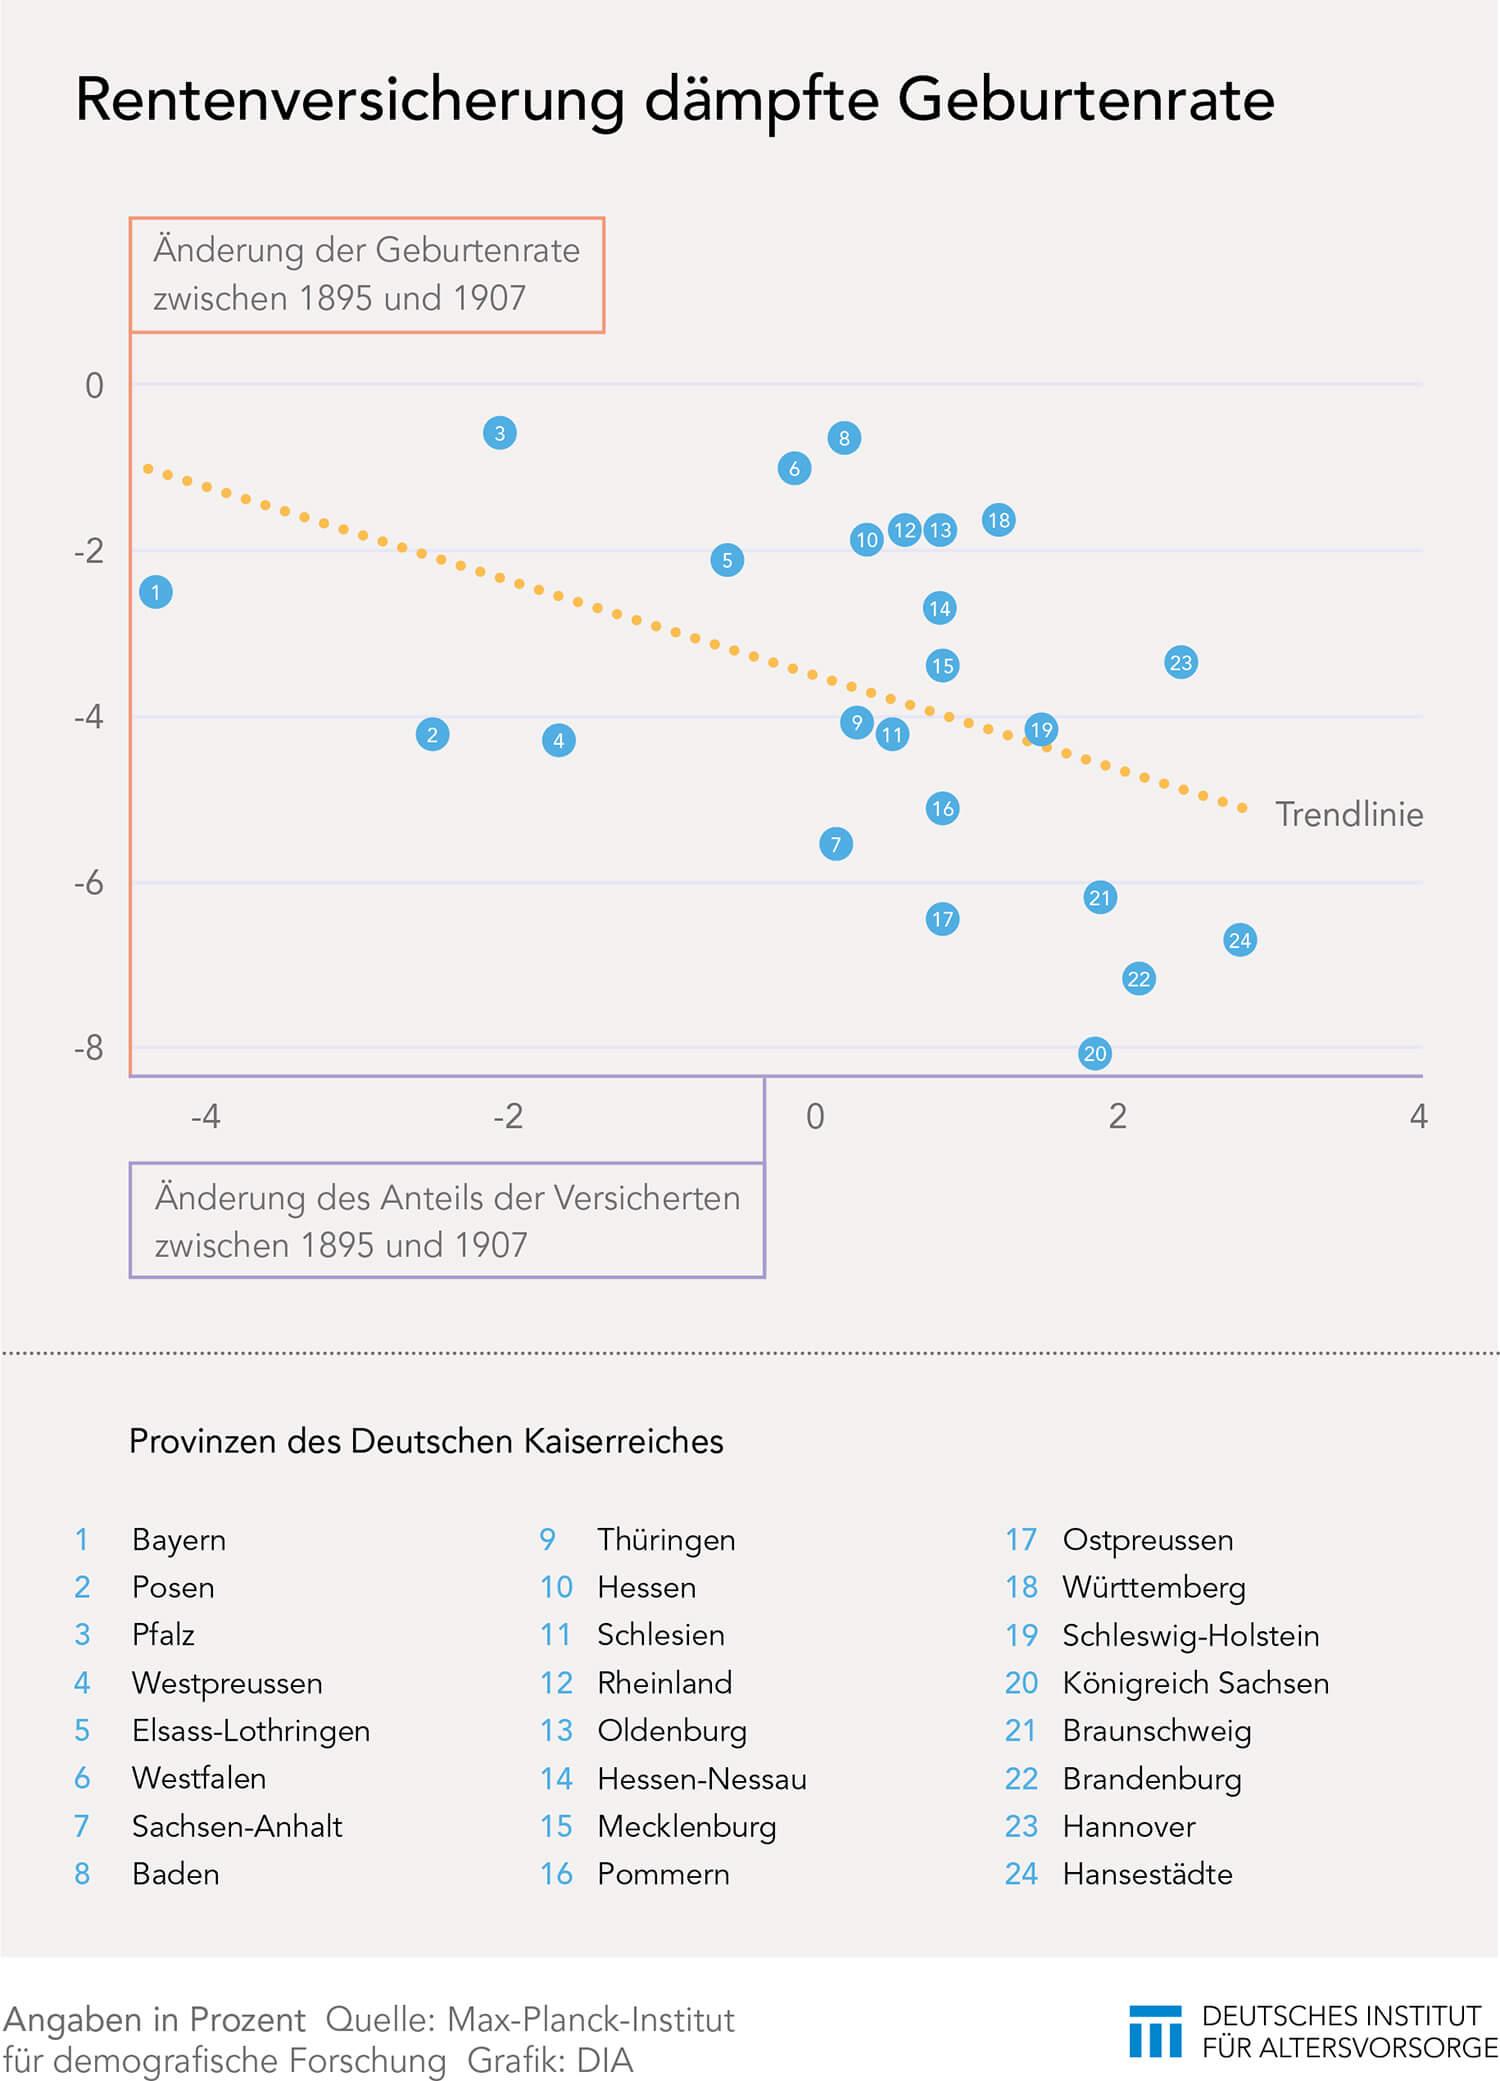 Veränderung der Geburtenrate durch Rentenversicherung